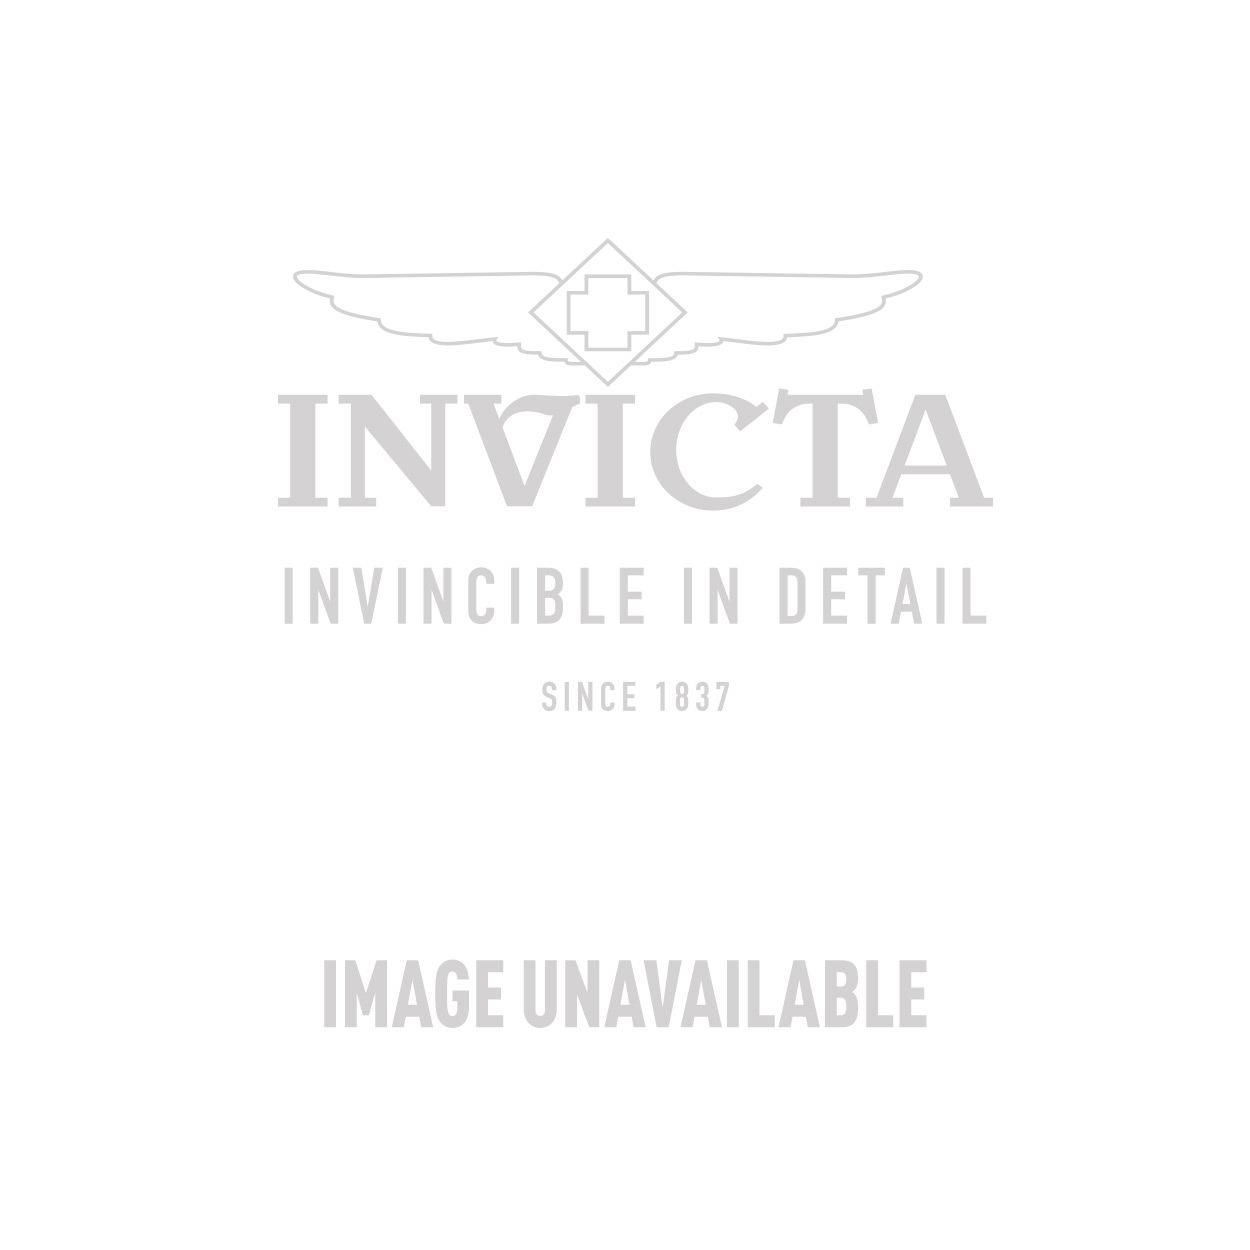 Invicta Model 28162